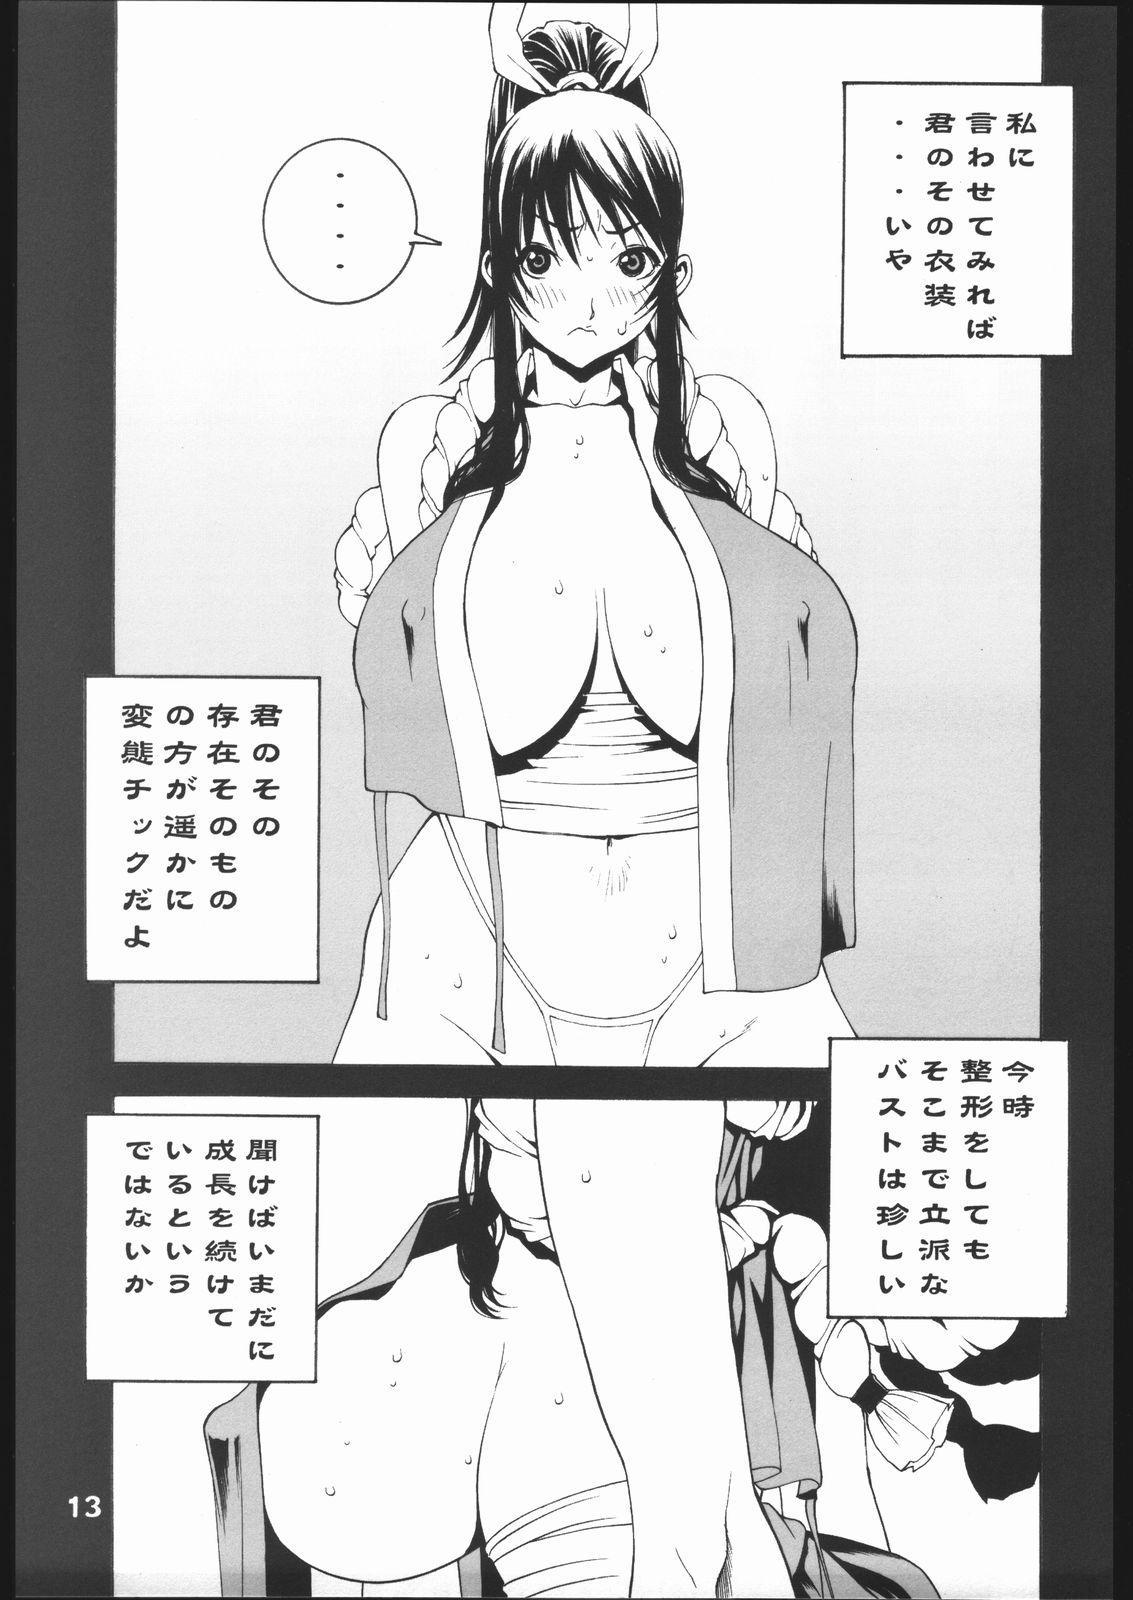 Shiranui Futatsu 13